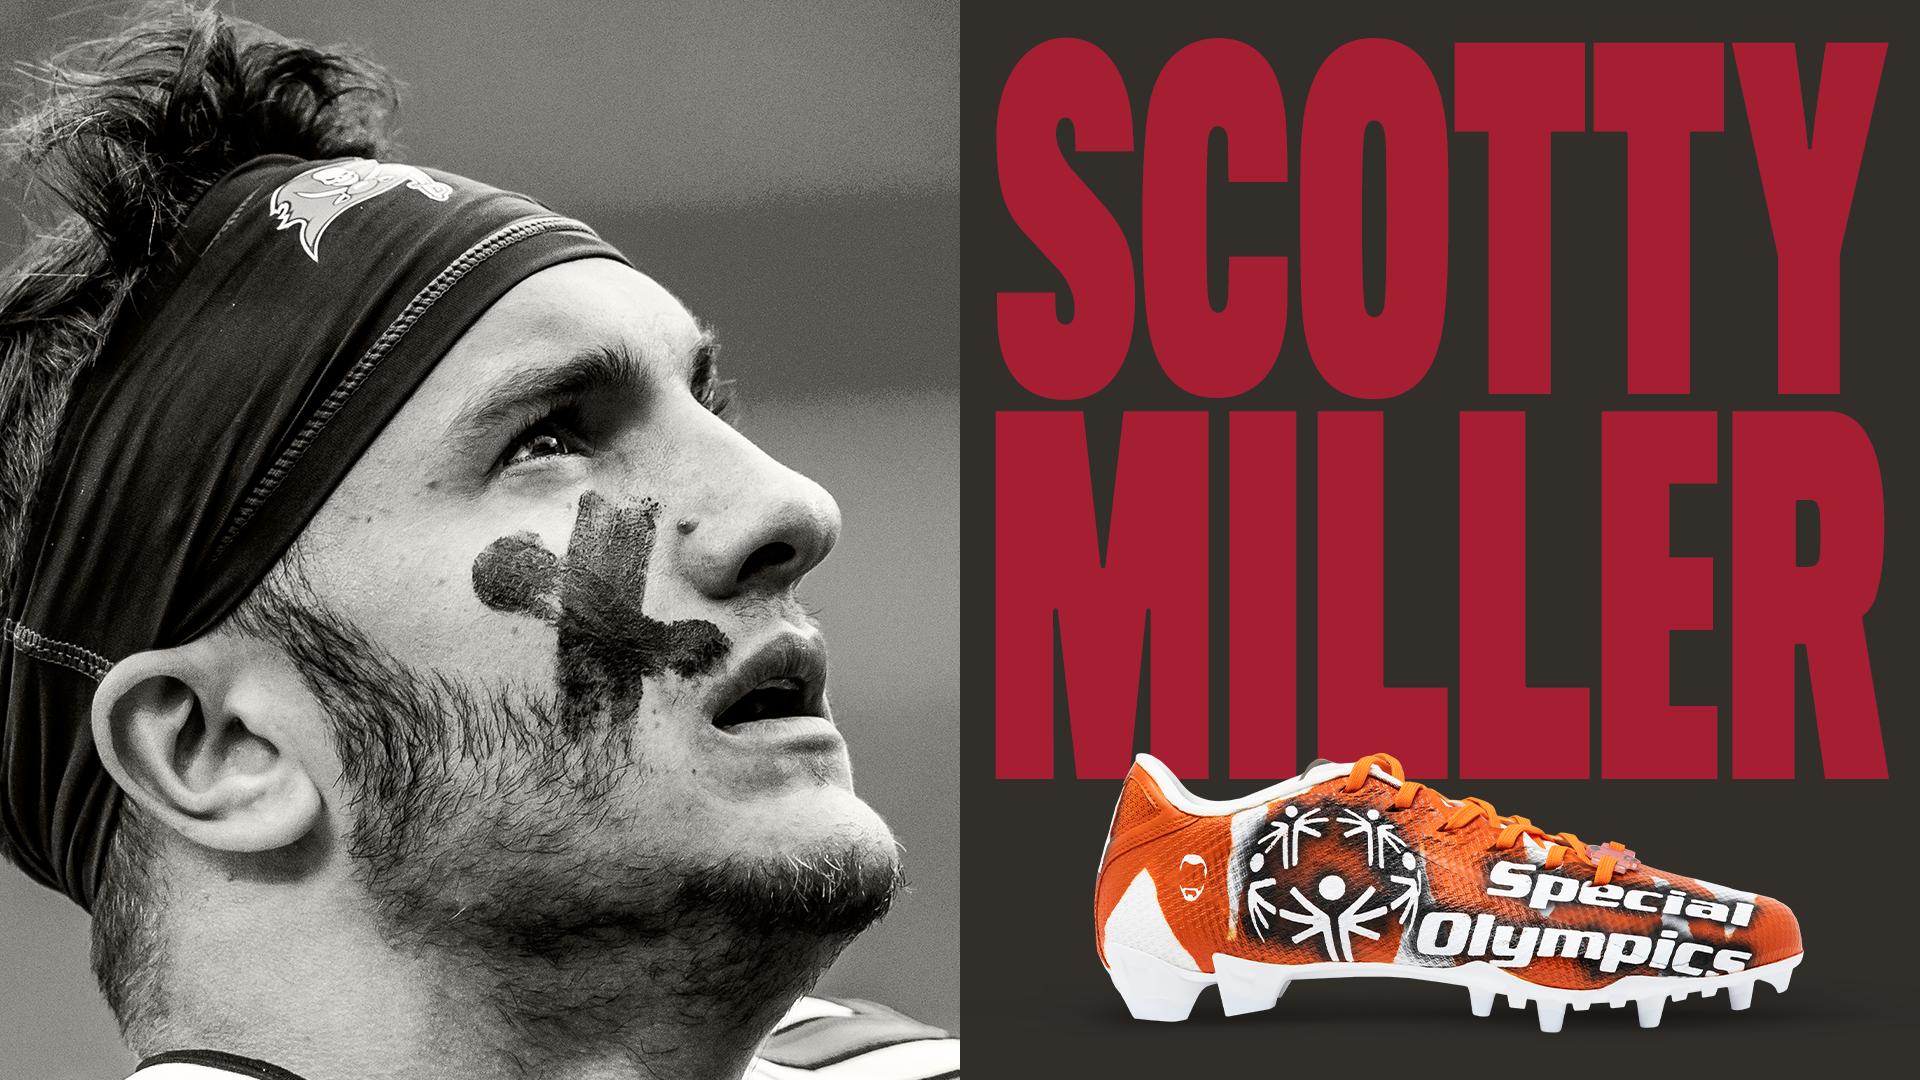 Scotty Miller